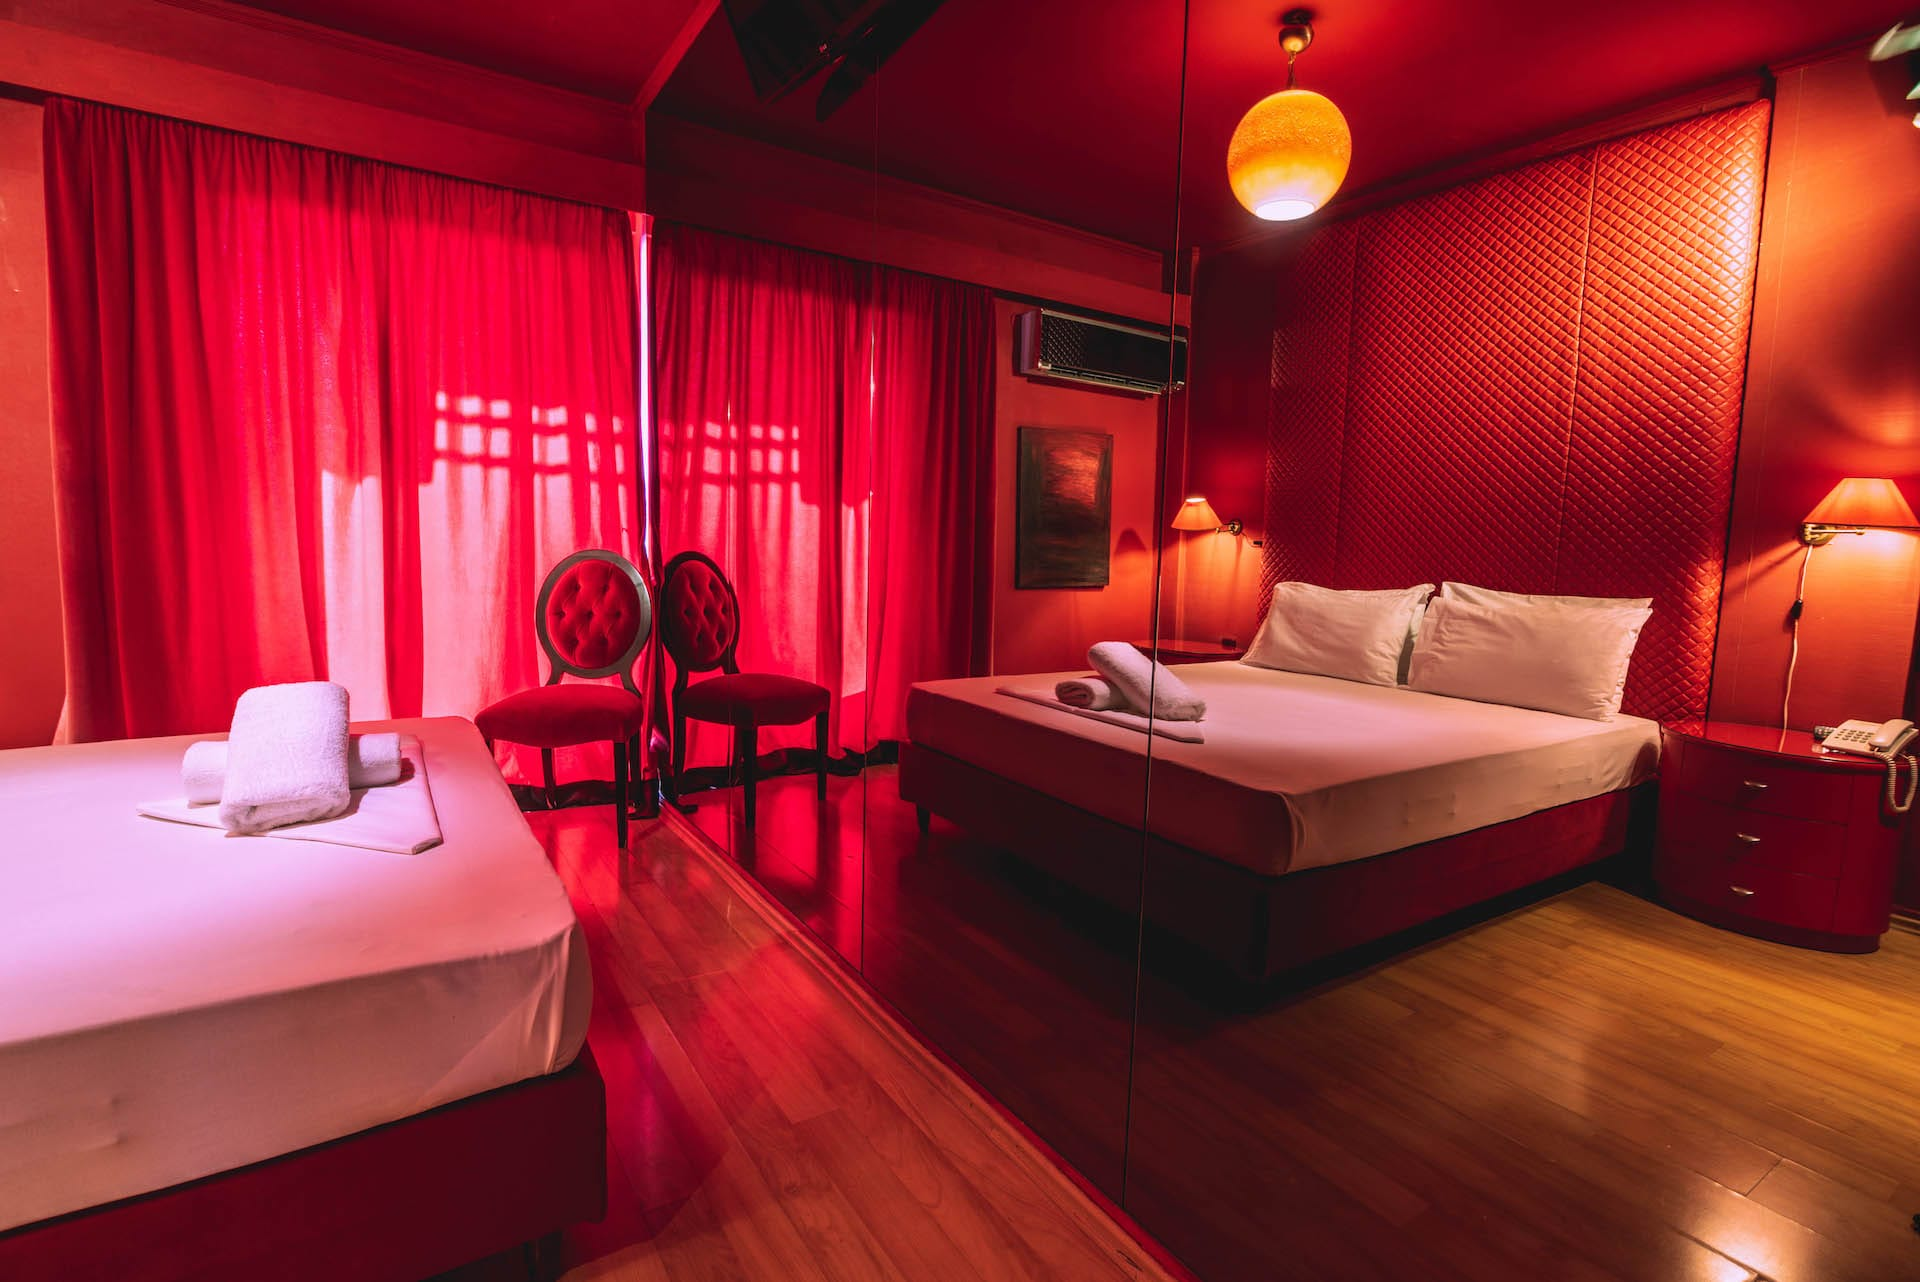 Το δωμάτιο Urban Room 107 στα Ruby Rooms στην Κηφισιά και τα Βόρεια Προάστια. €25 ημιδιαμονή.